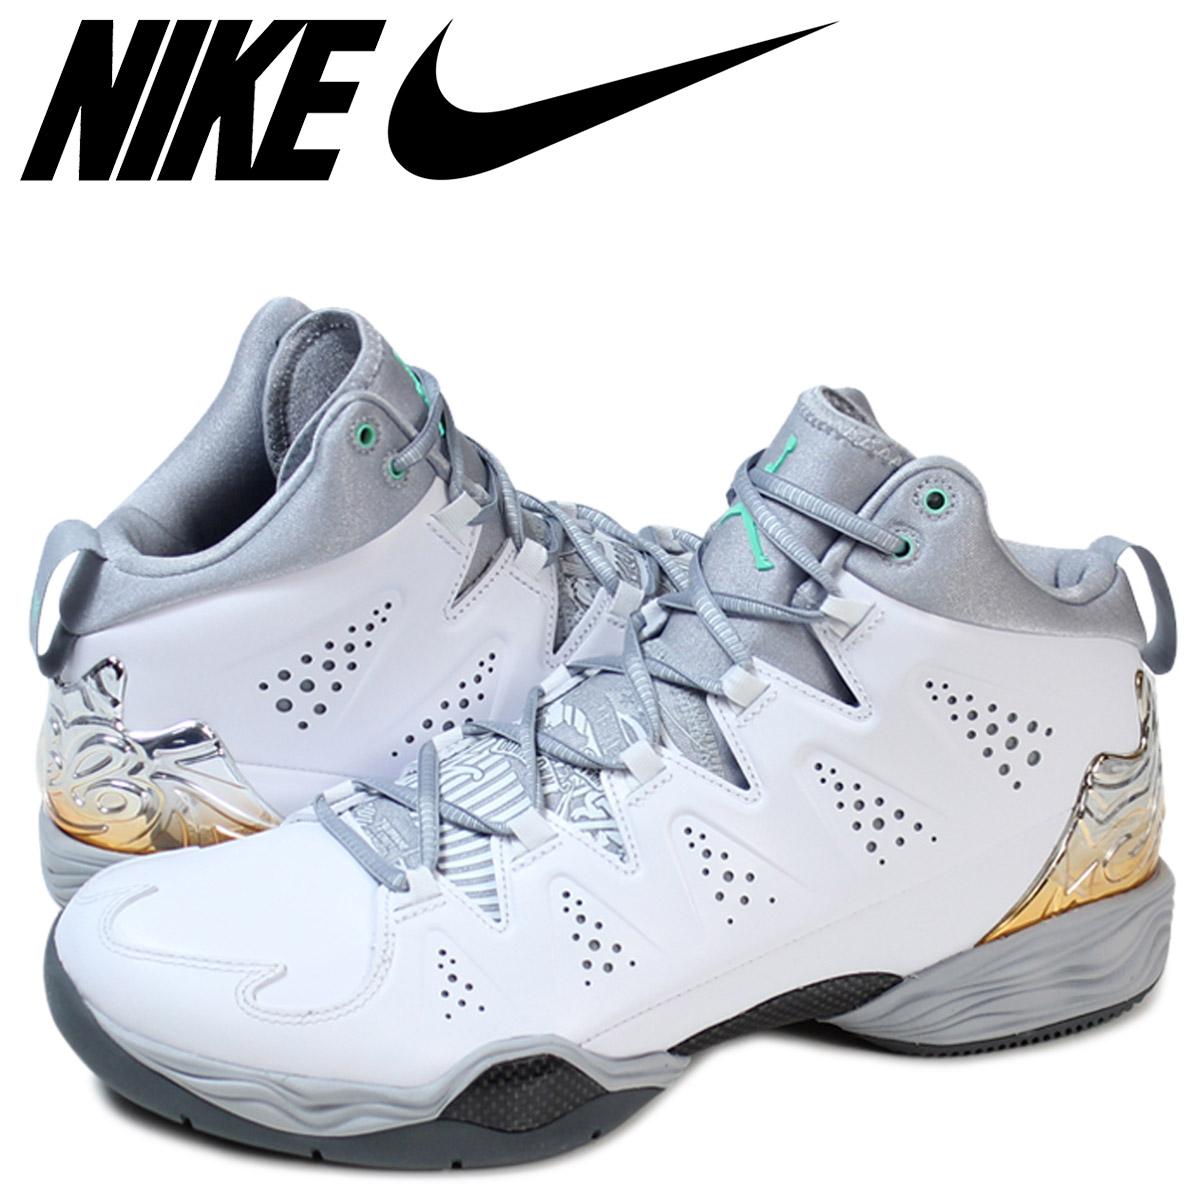 82100442109 NIKE Nike Air Jordan sneakers AIR JORDAN MELO M10 Air Jordan 629876-105  white mens ...